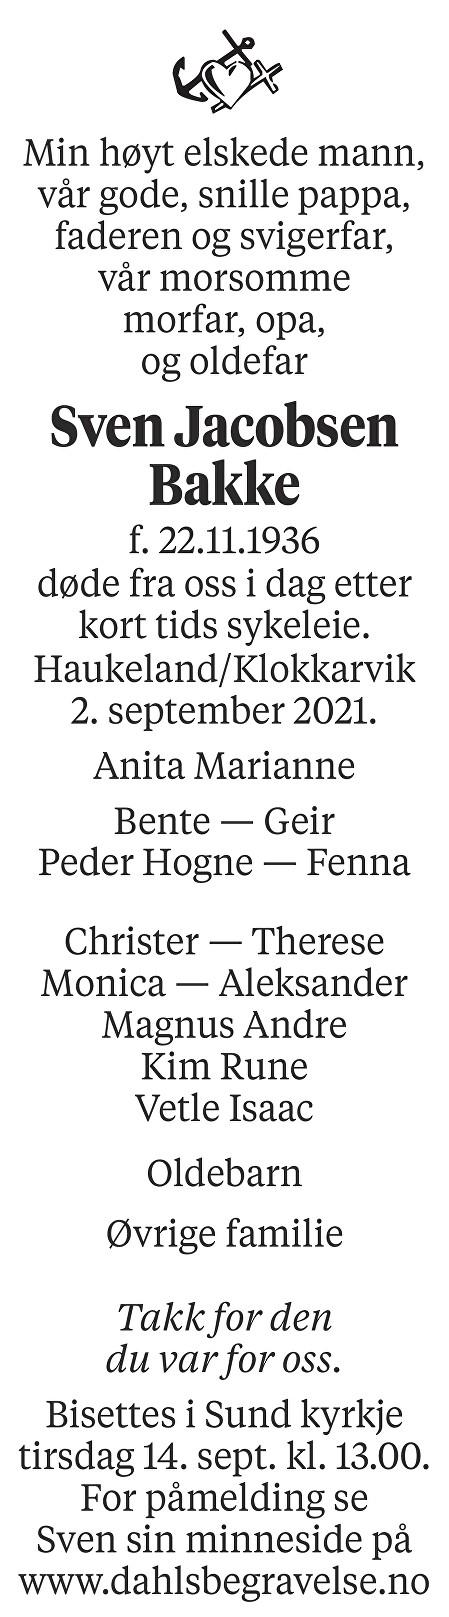 Sven Jacobsen Bakke Dødsannonse